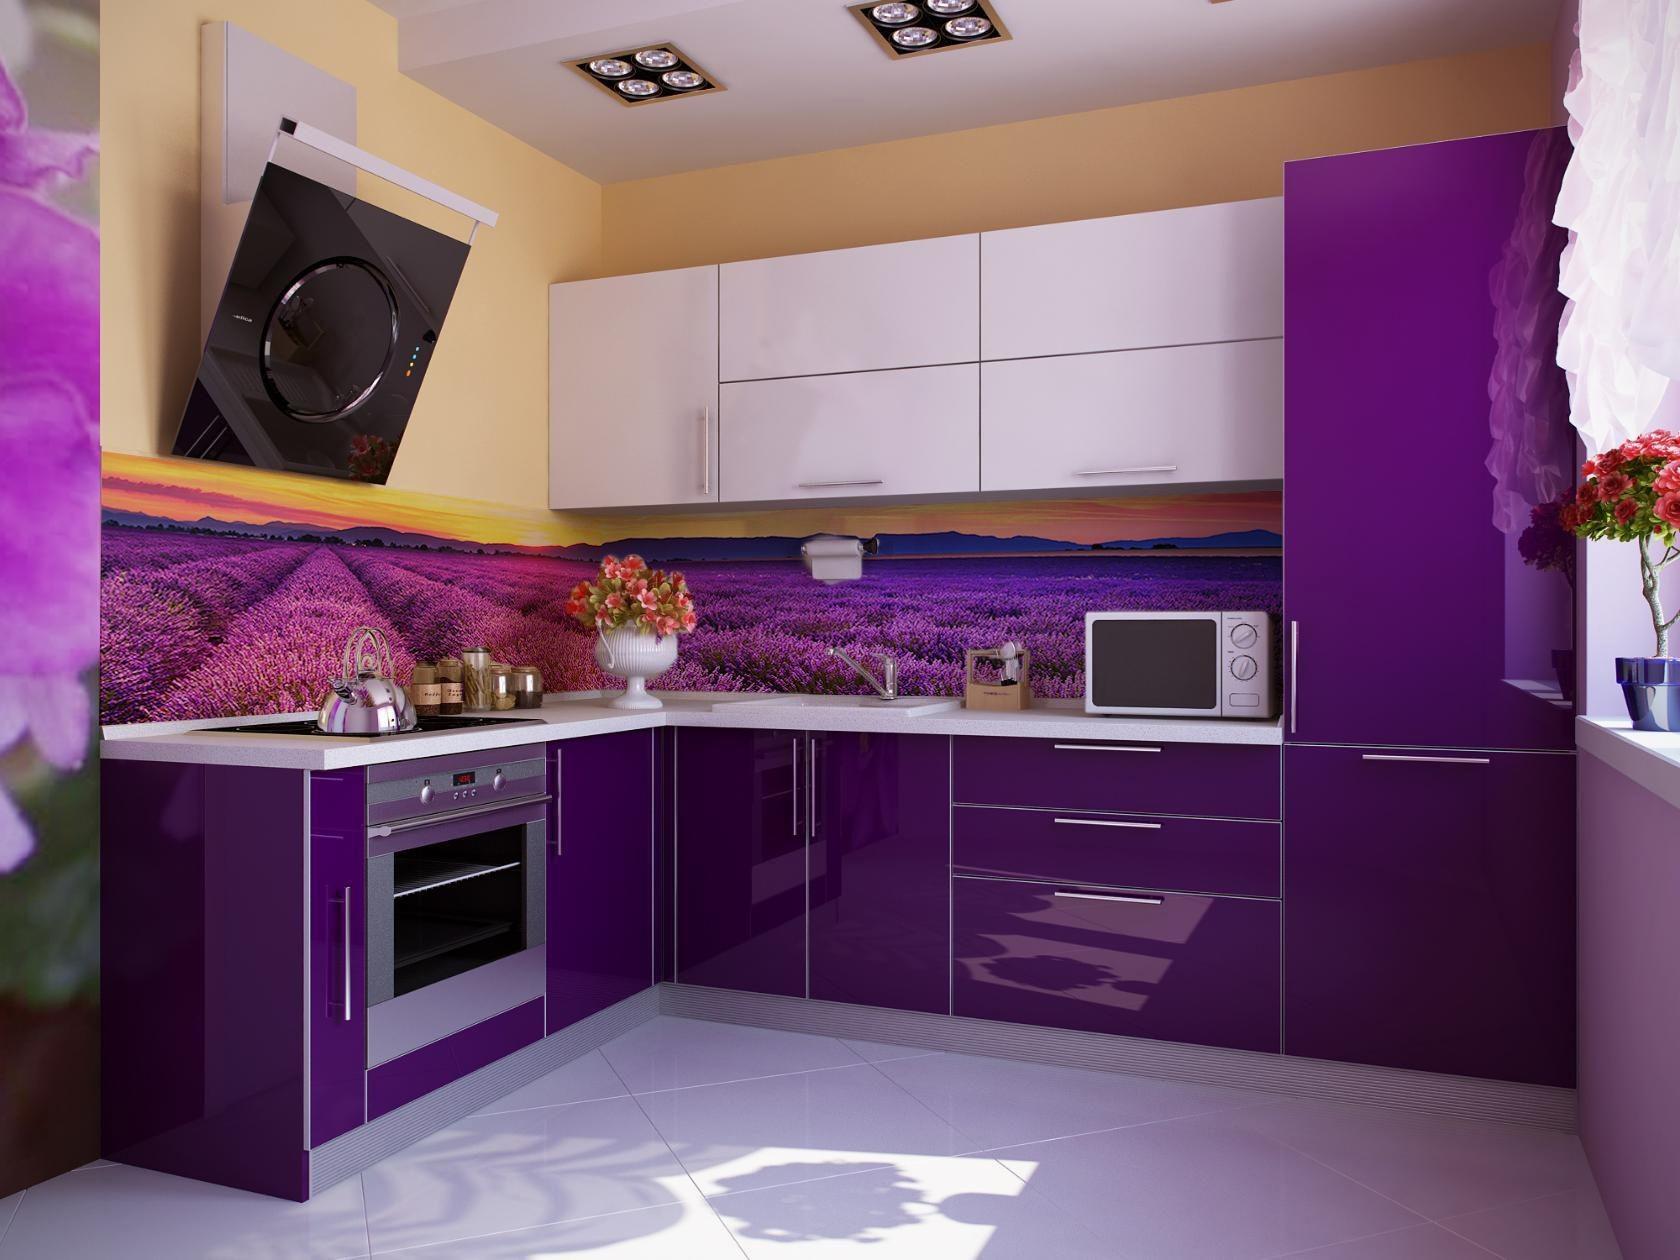 опубликованном угловые кухни фиолетового цвета фото красивое старинное